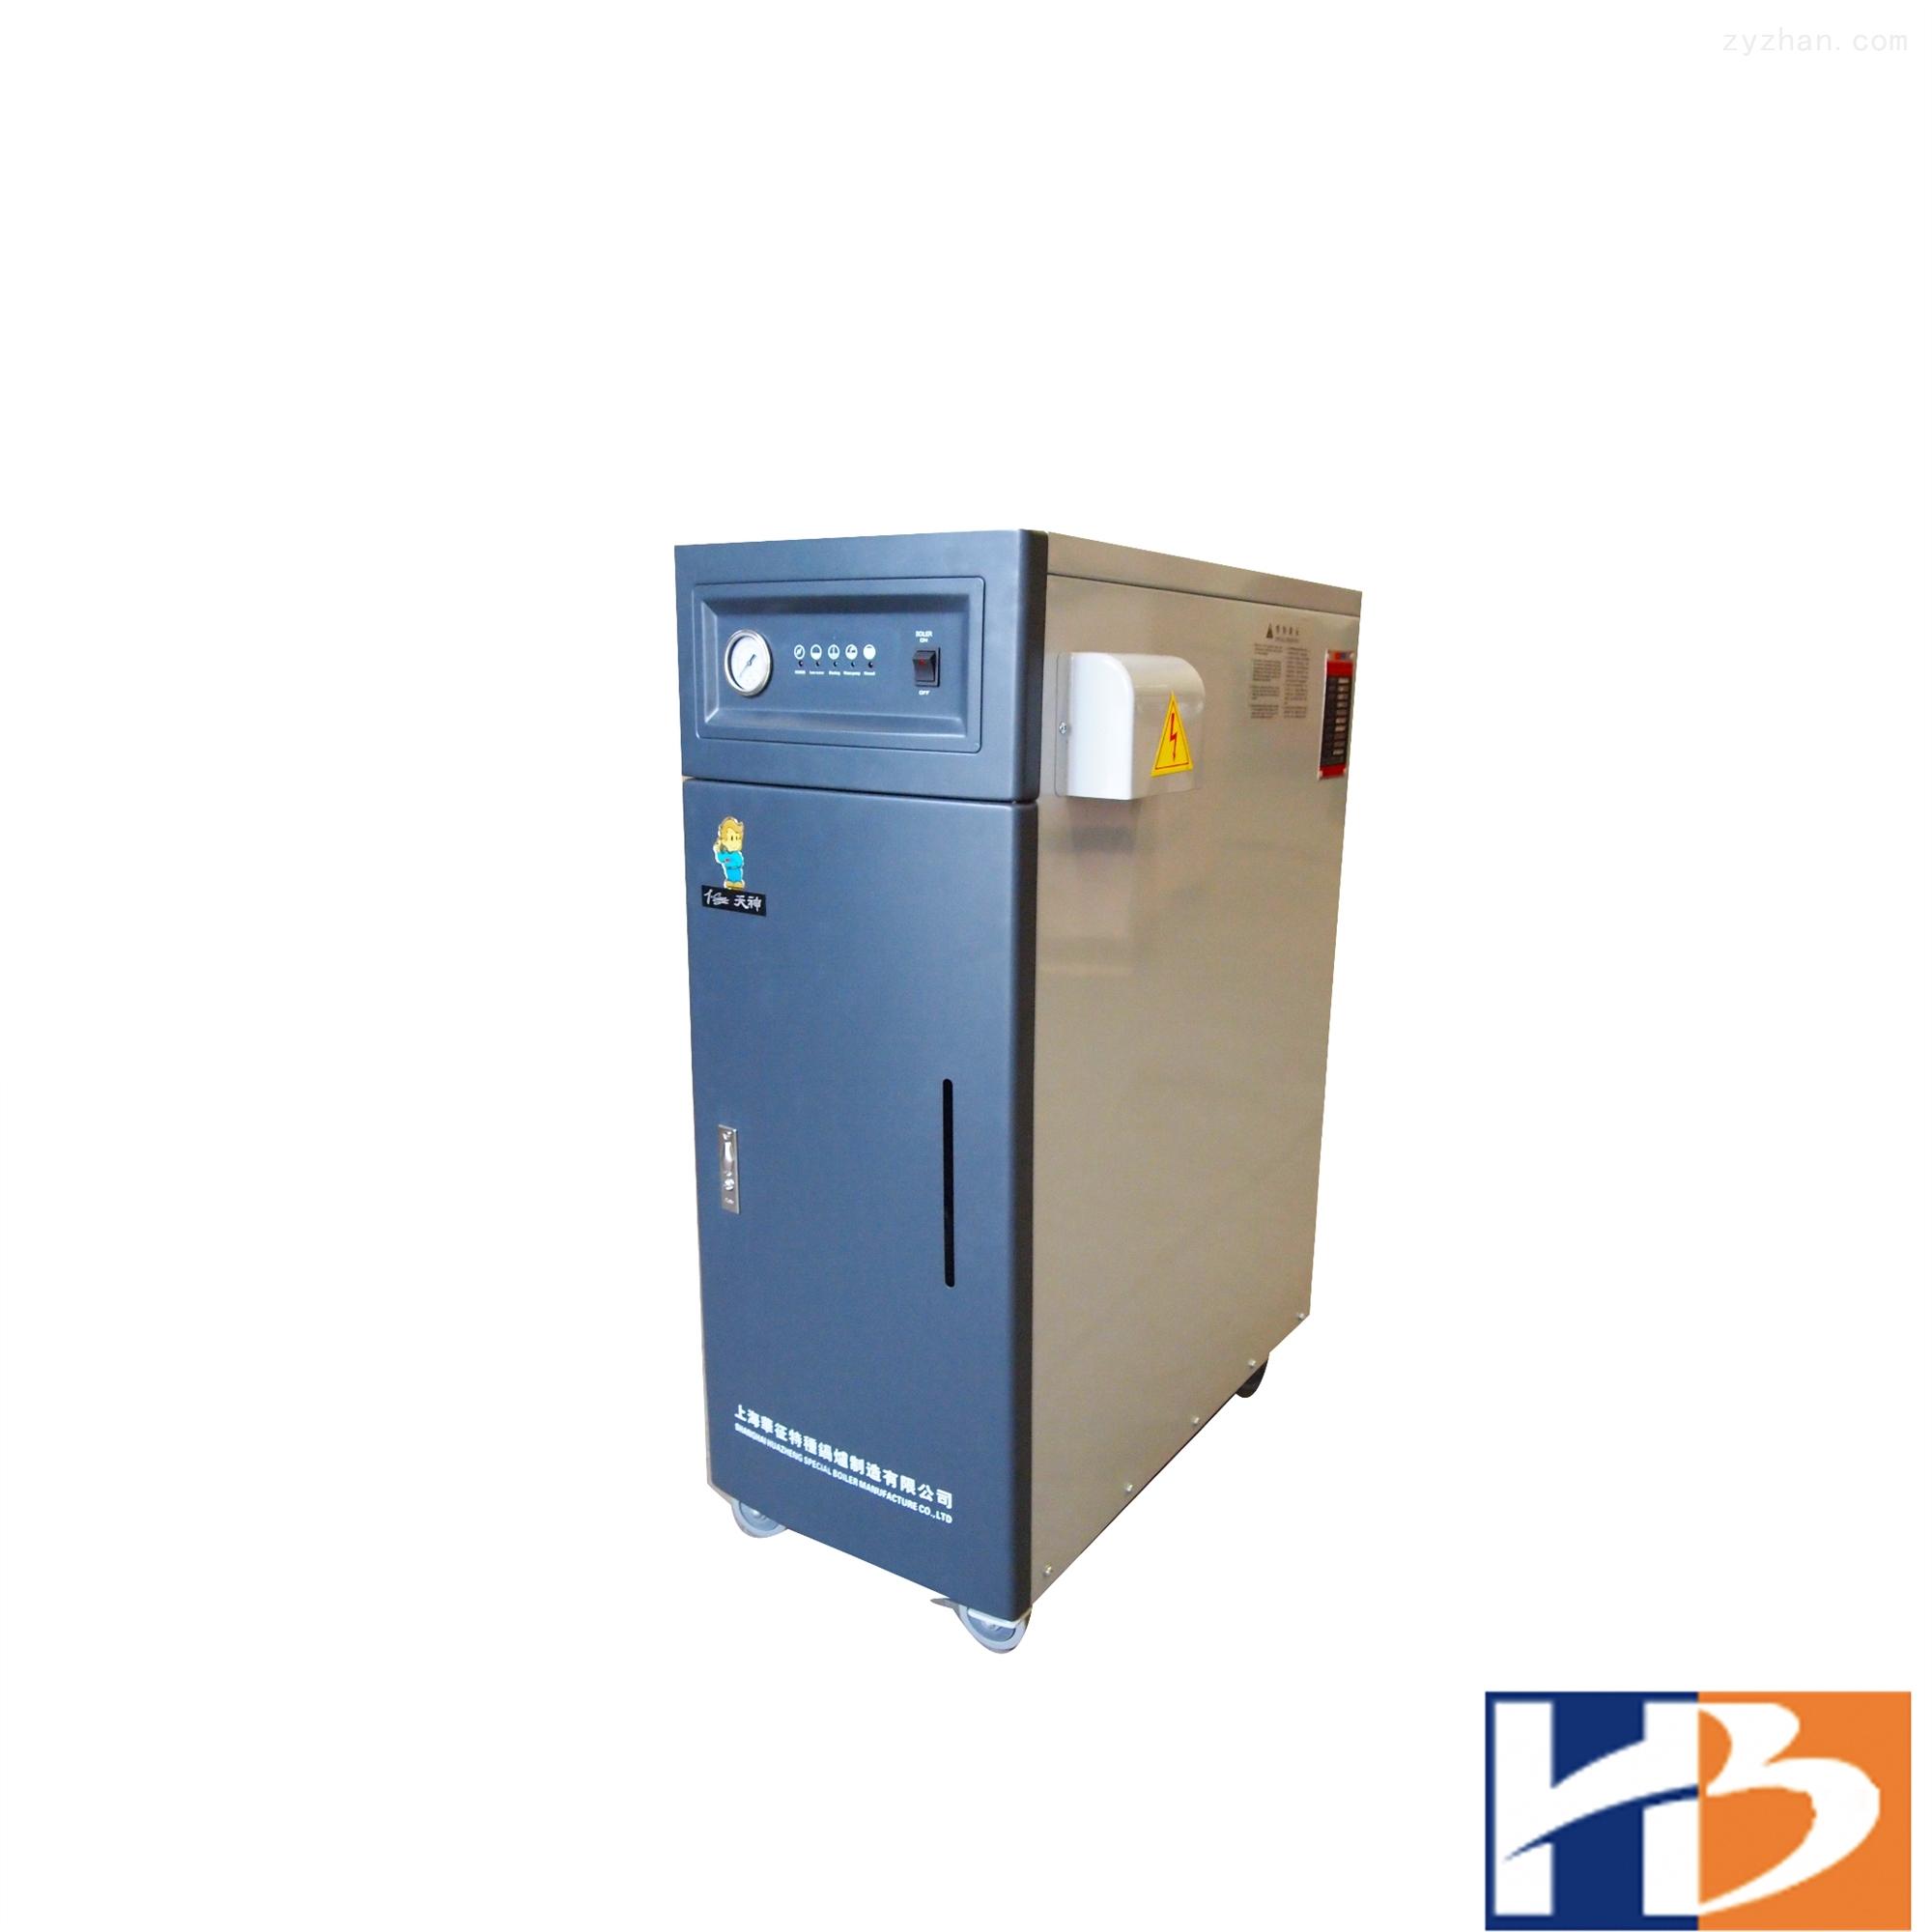 供应热水锅炉(3~30万大卡电锅炉,36kw)